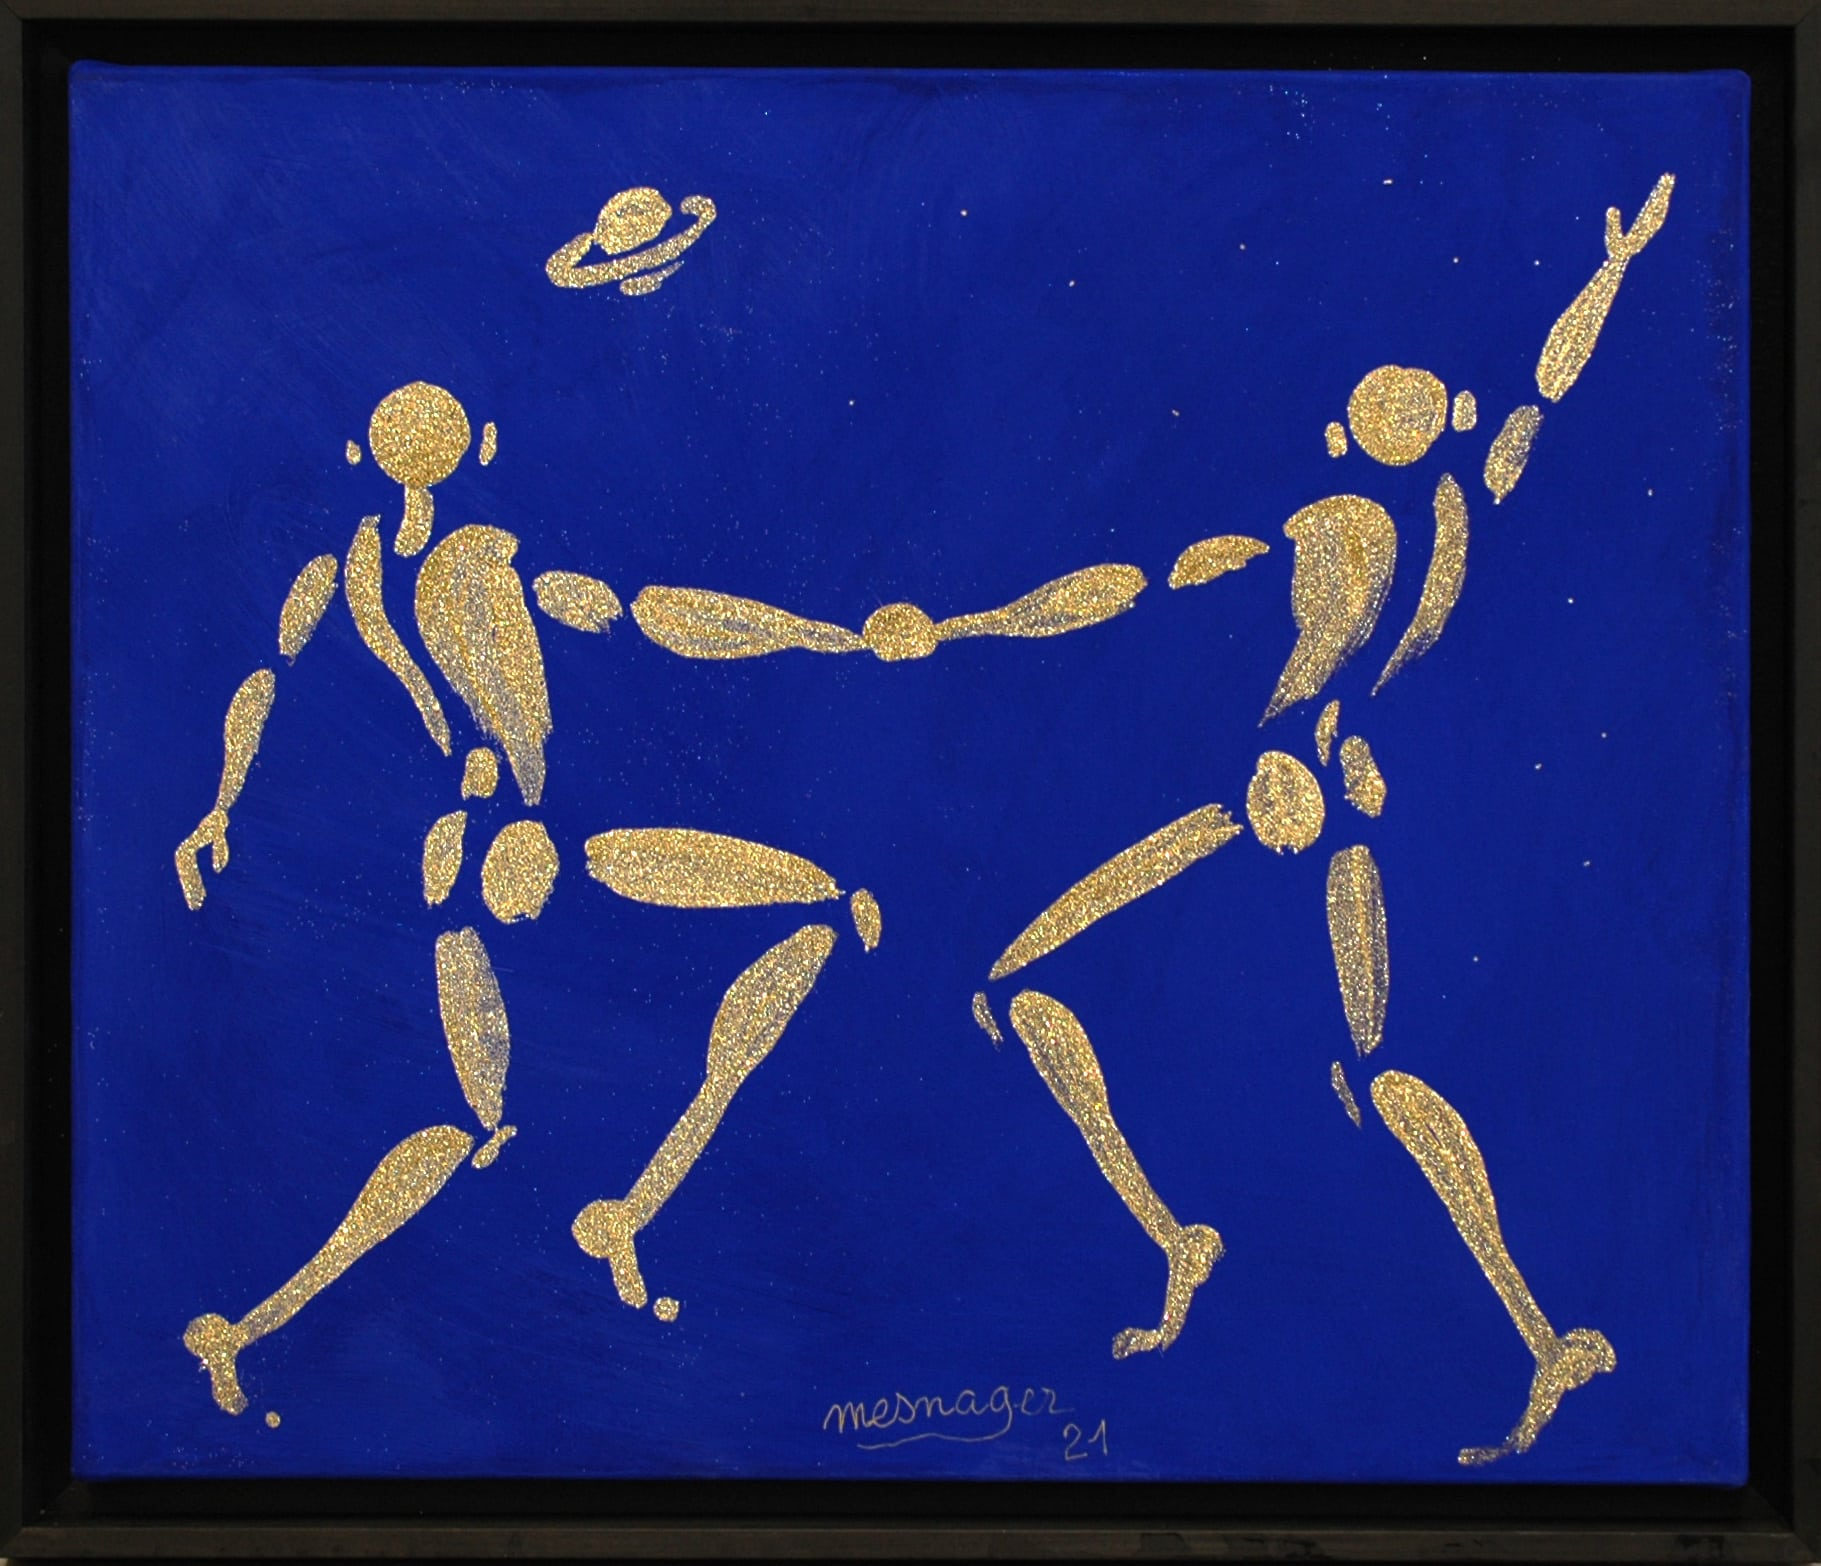 Galerie Art Jingle Jérôme MESNAGER Saturne 55 x 46 cm (Réf. 61) 2021